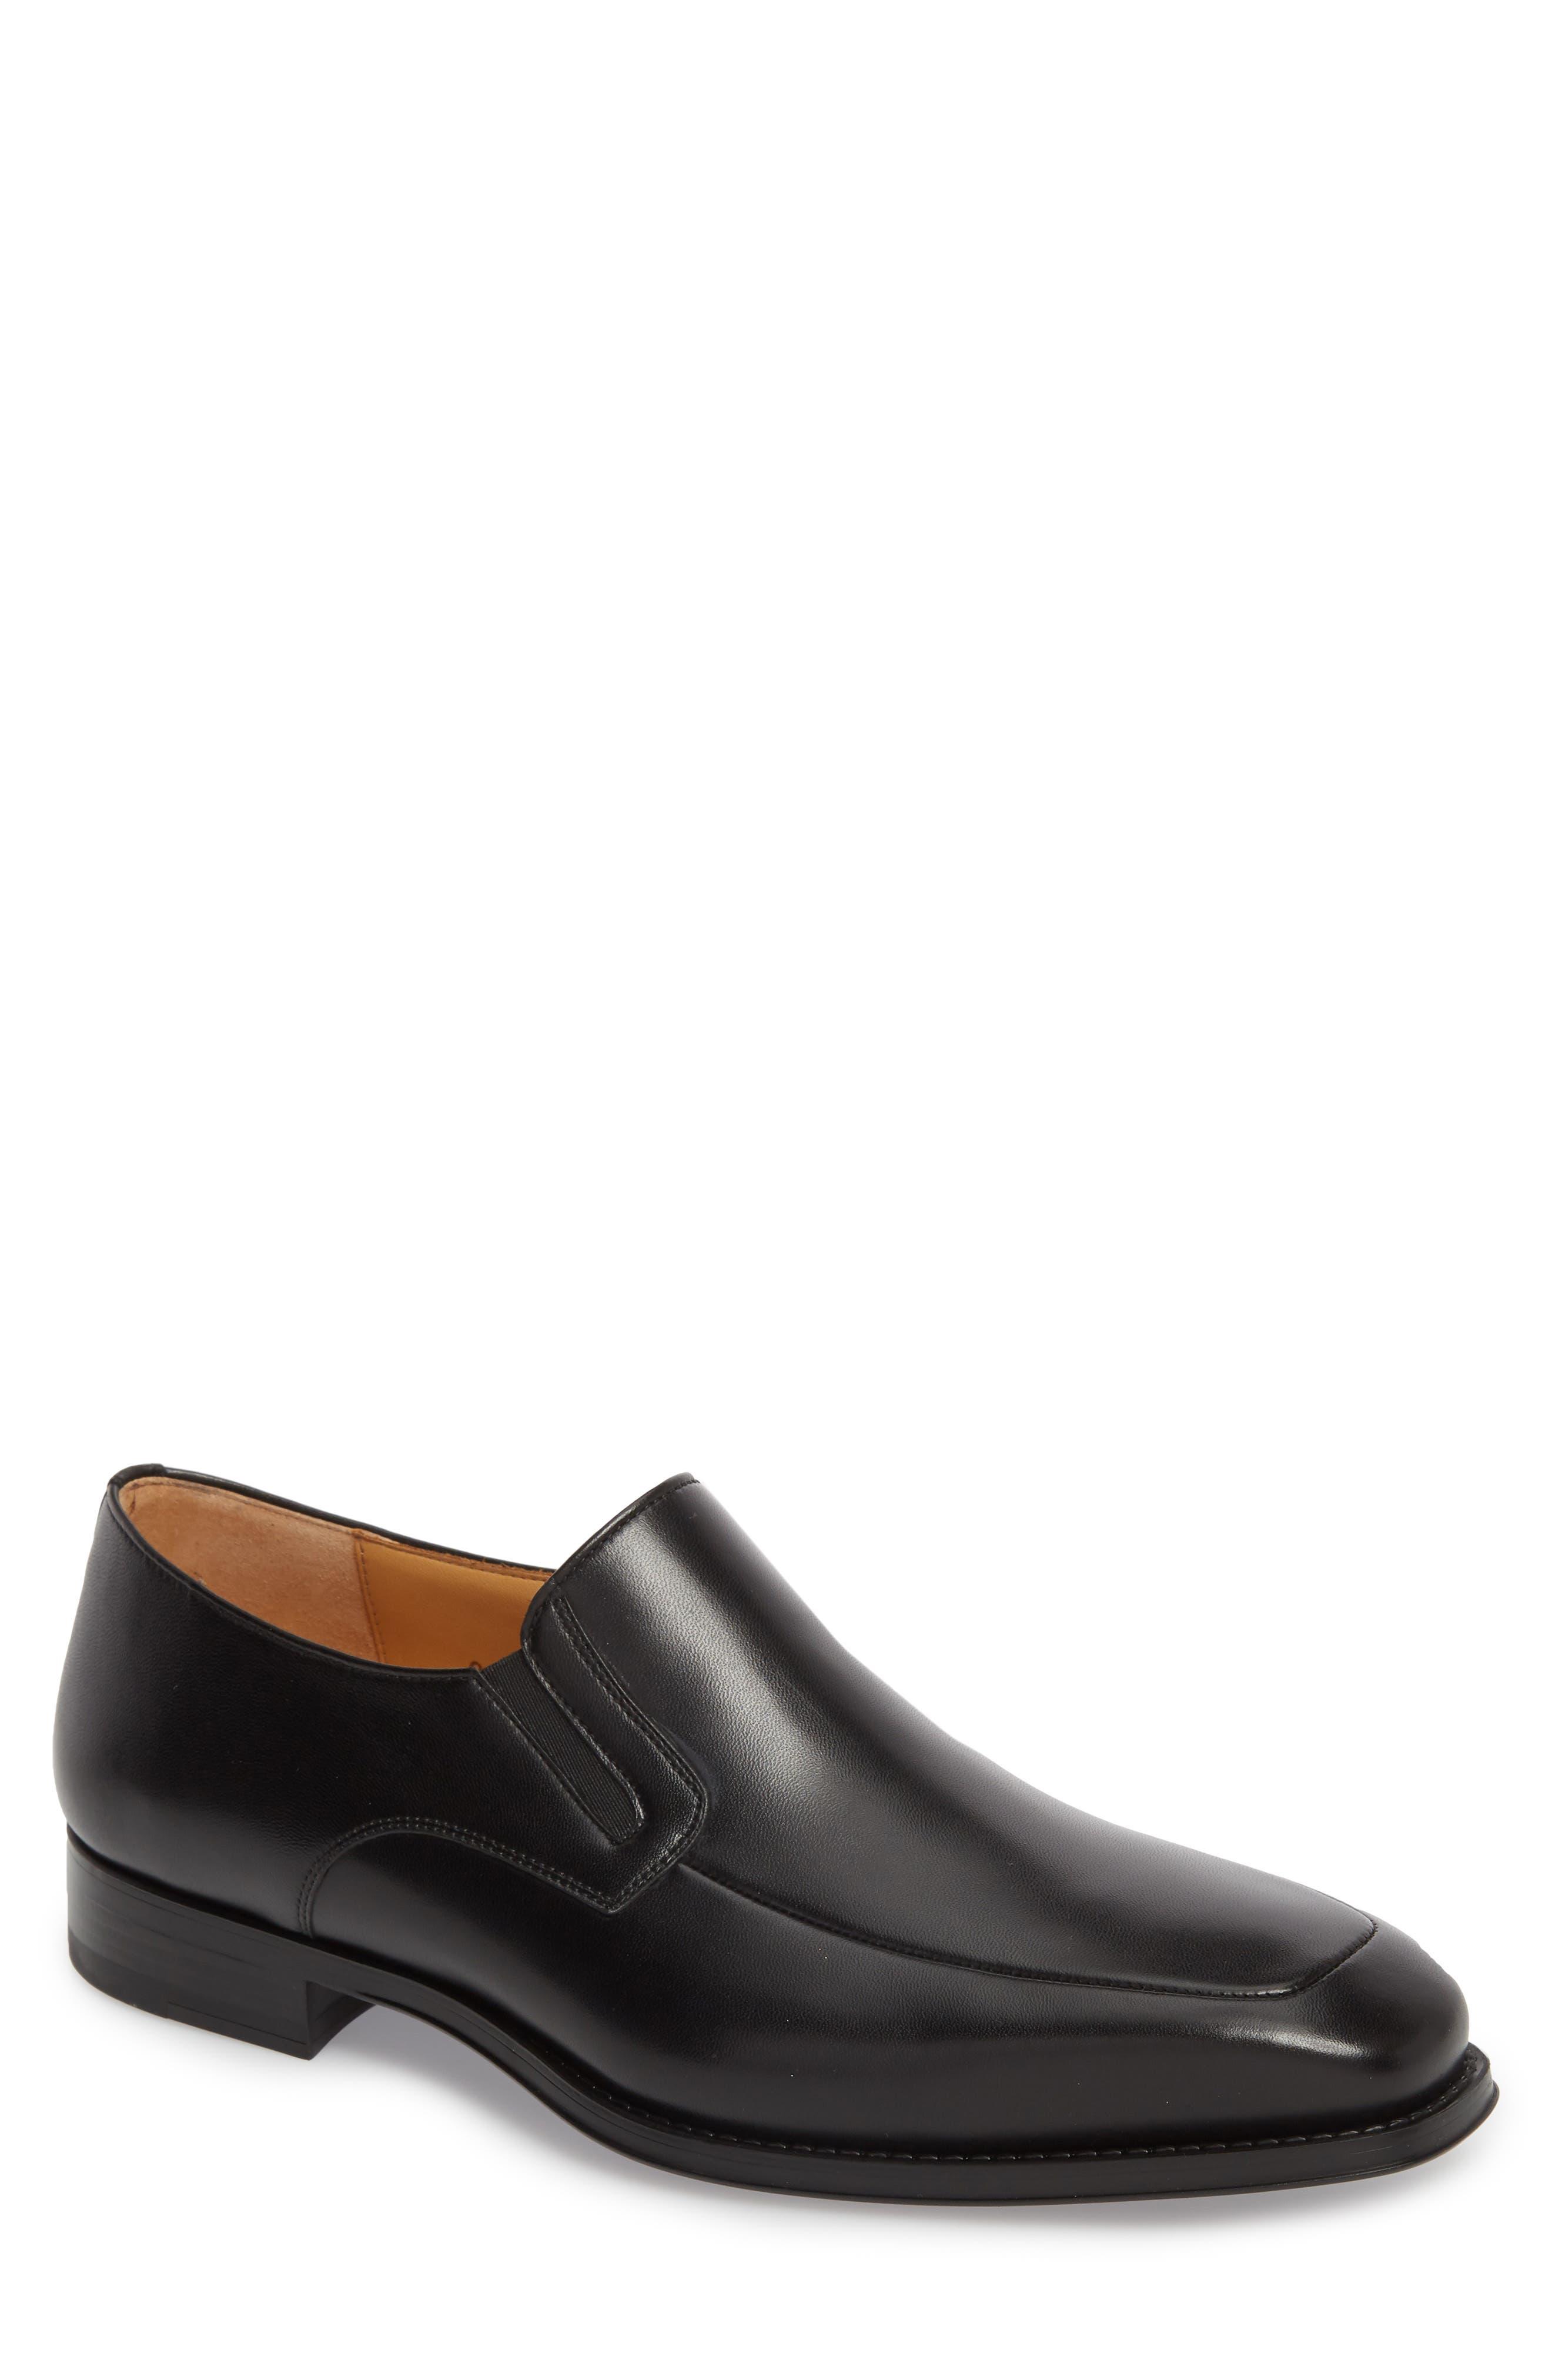 Magnanni Men's Fabricio Apron Toe Slip-On 5d71DPv